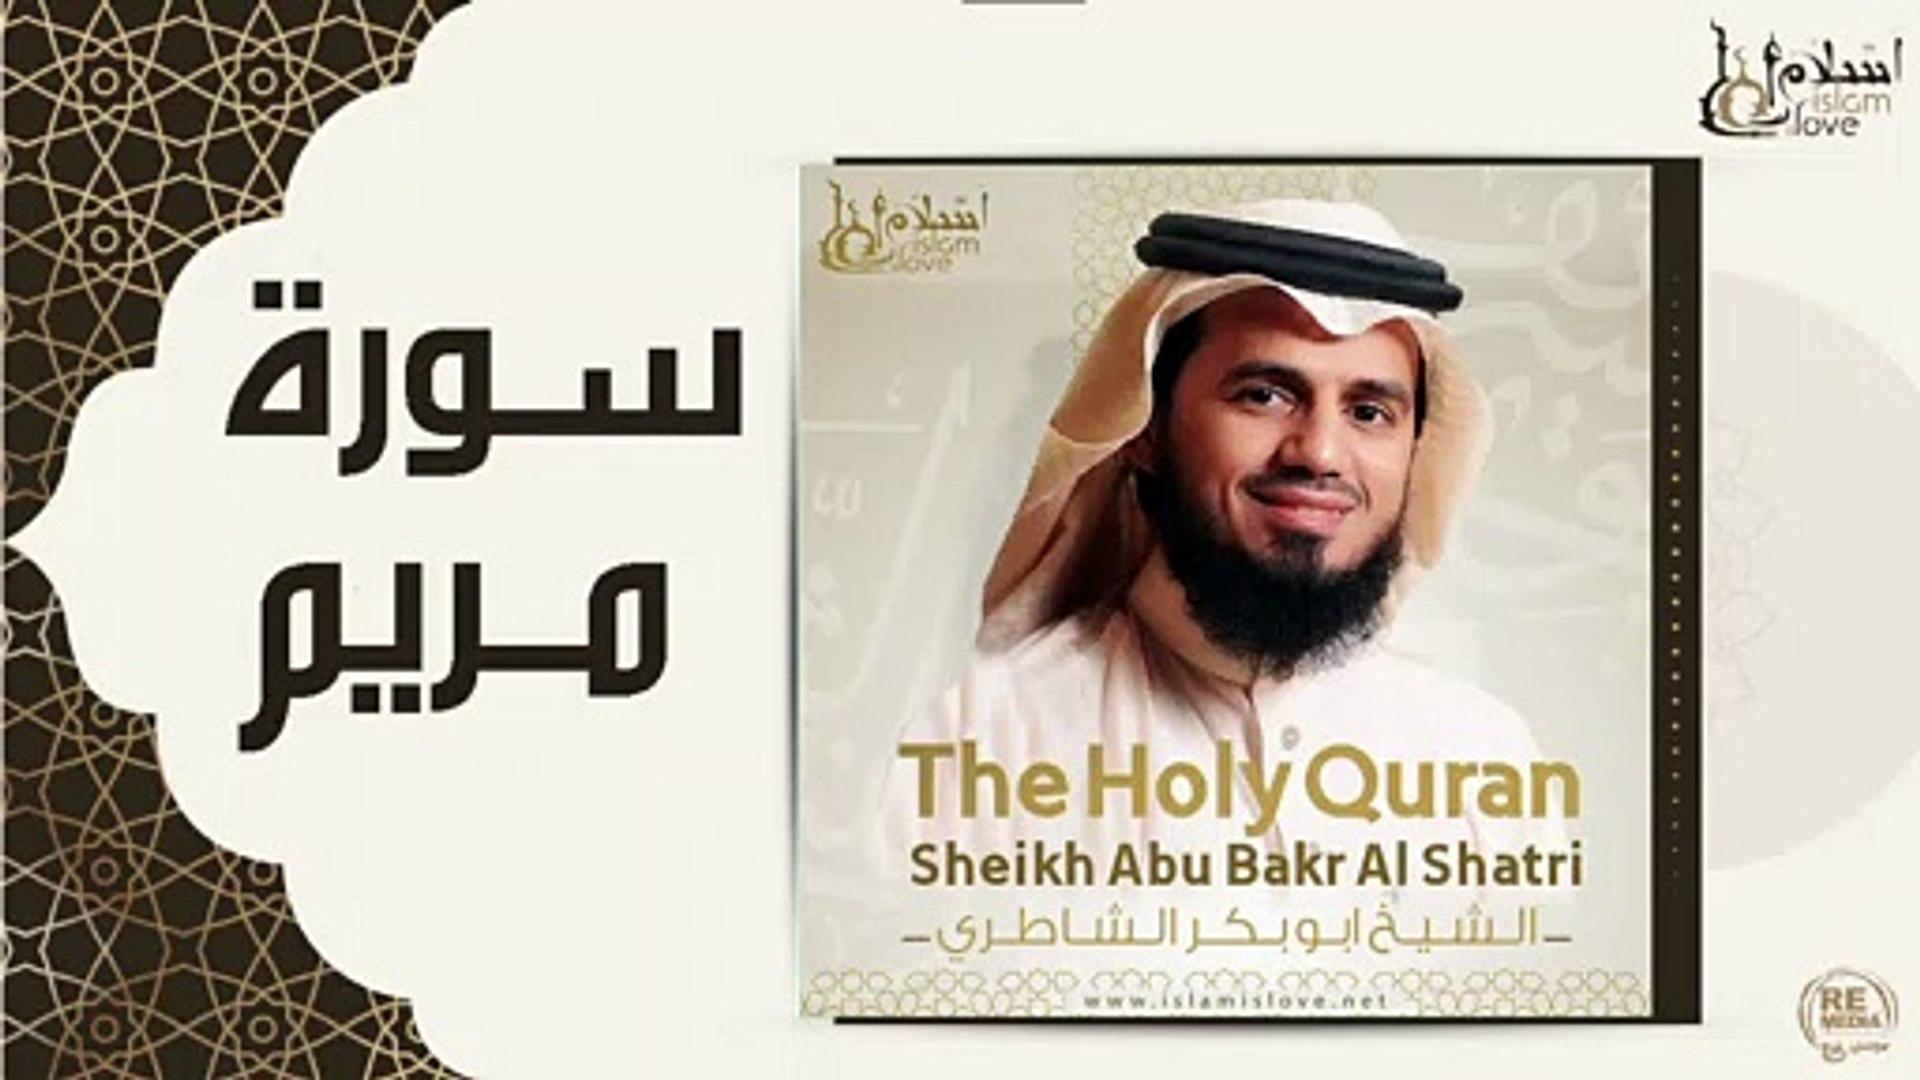 الشيخ ابو بكر الشاطري - سورة مريم